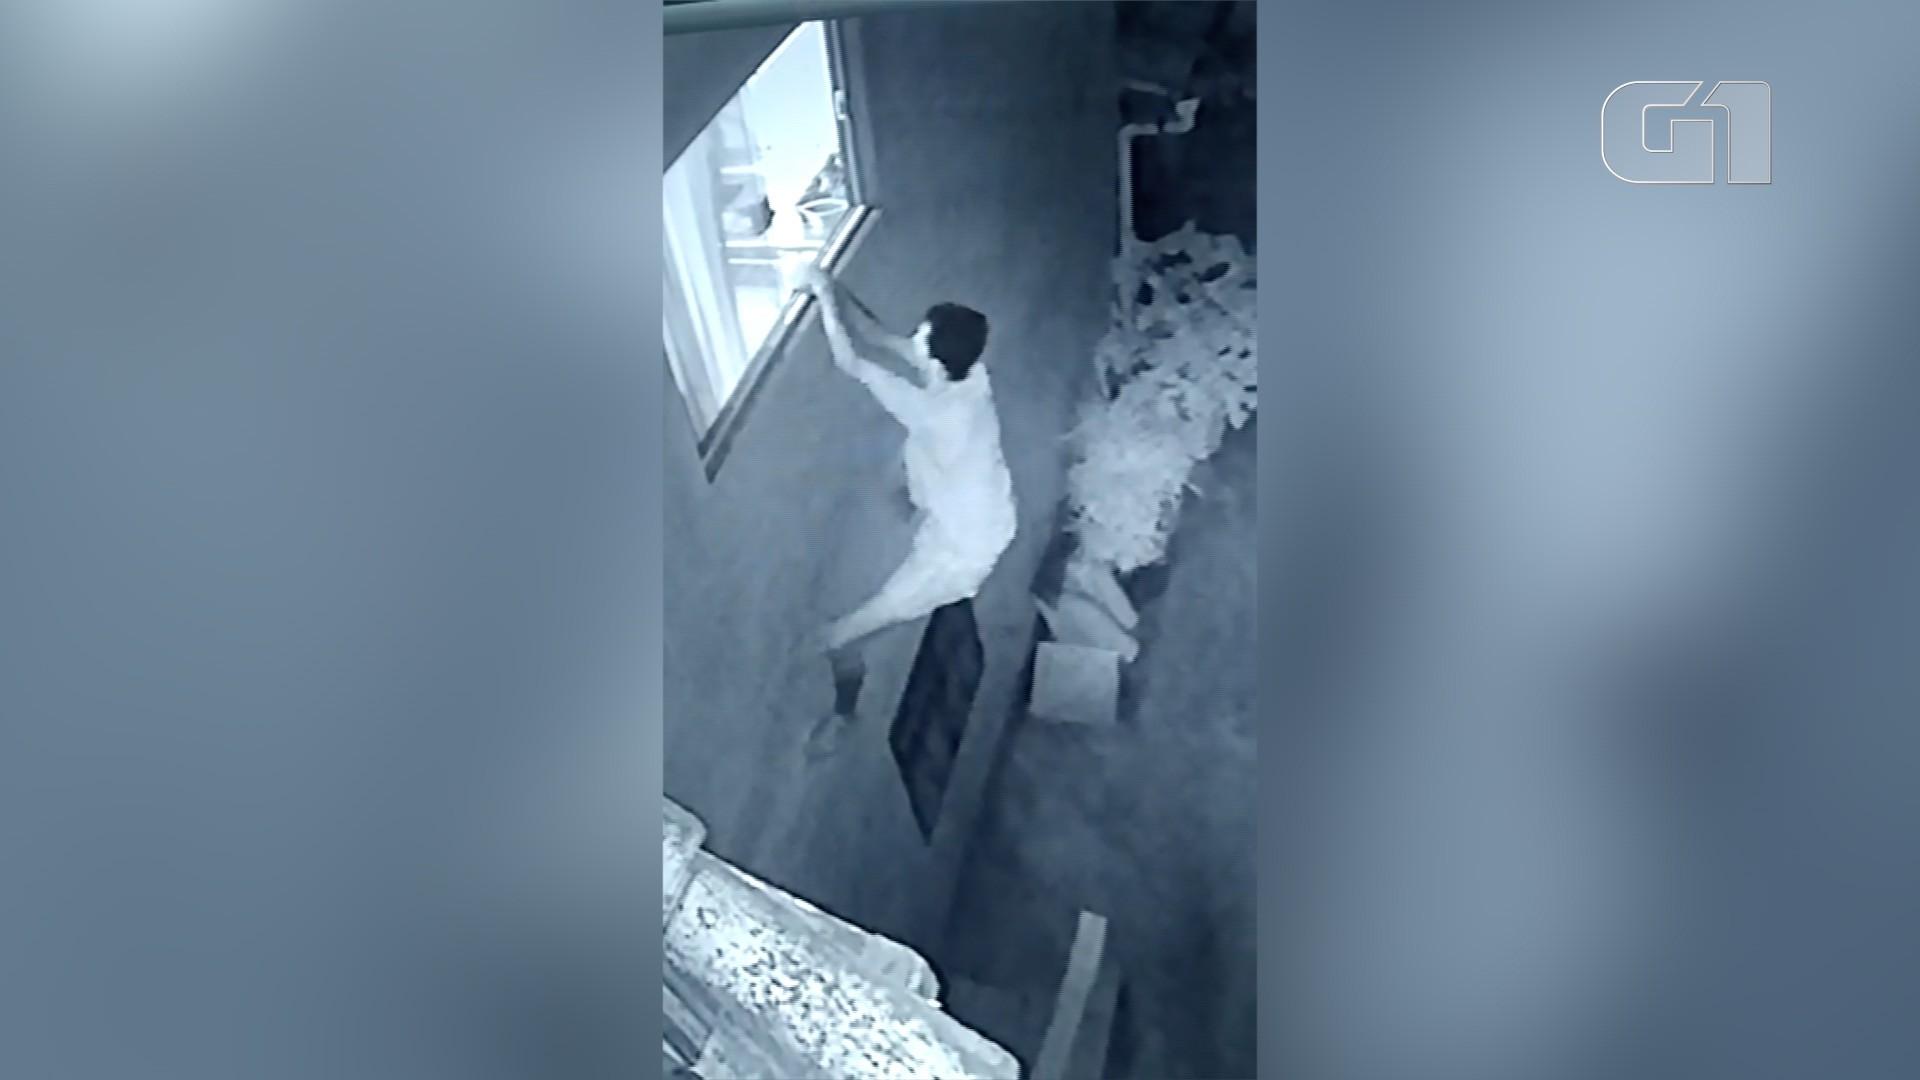 Vídeo flagra homem escalando parede para invadir casa em Búzios, no RJ